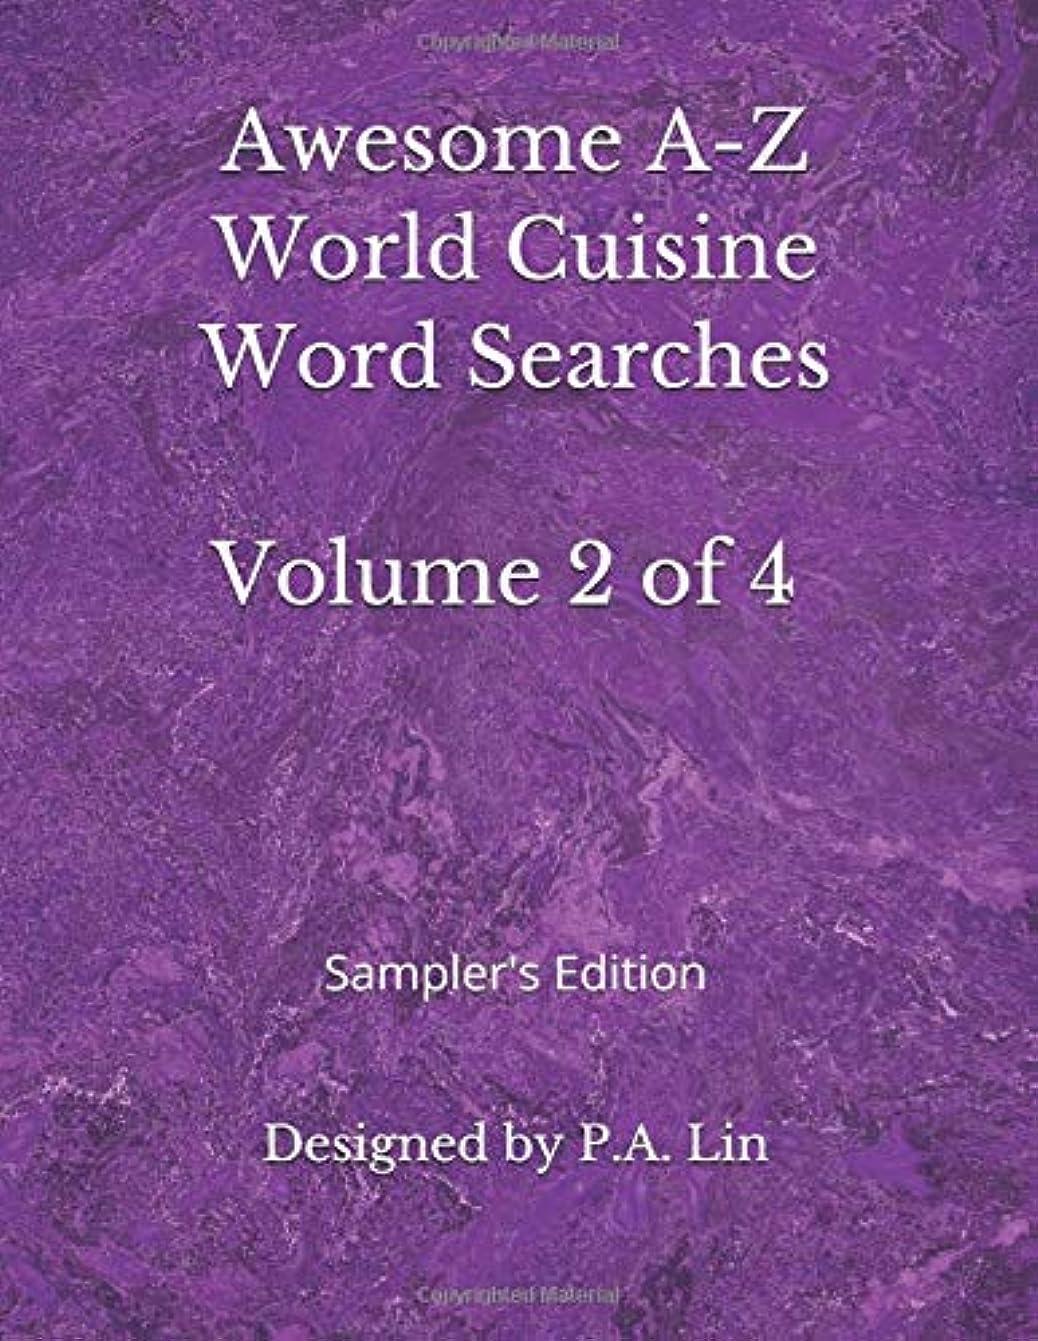 登録する証拠比較的Awesome A-Z World Cuisine Word Searches: Volume 2 of 4: Sampler's Edition